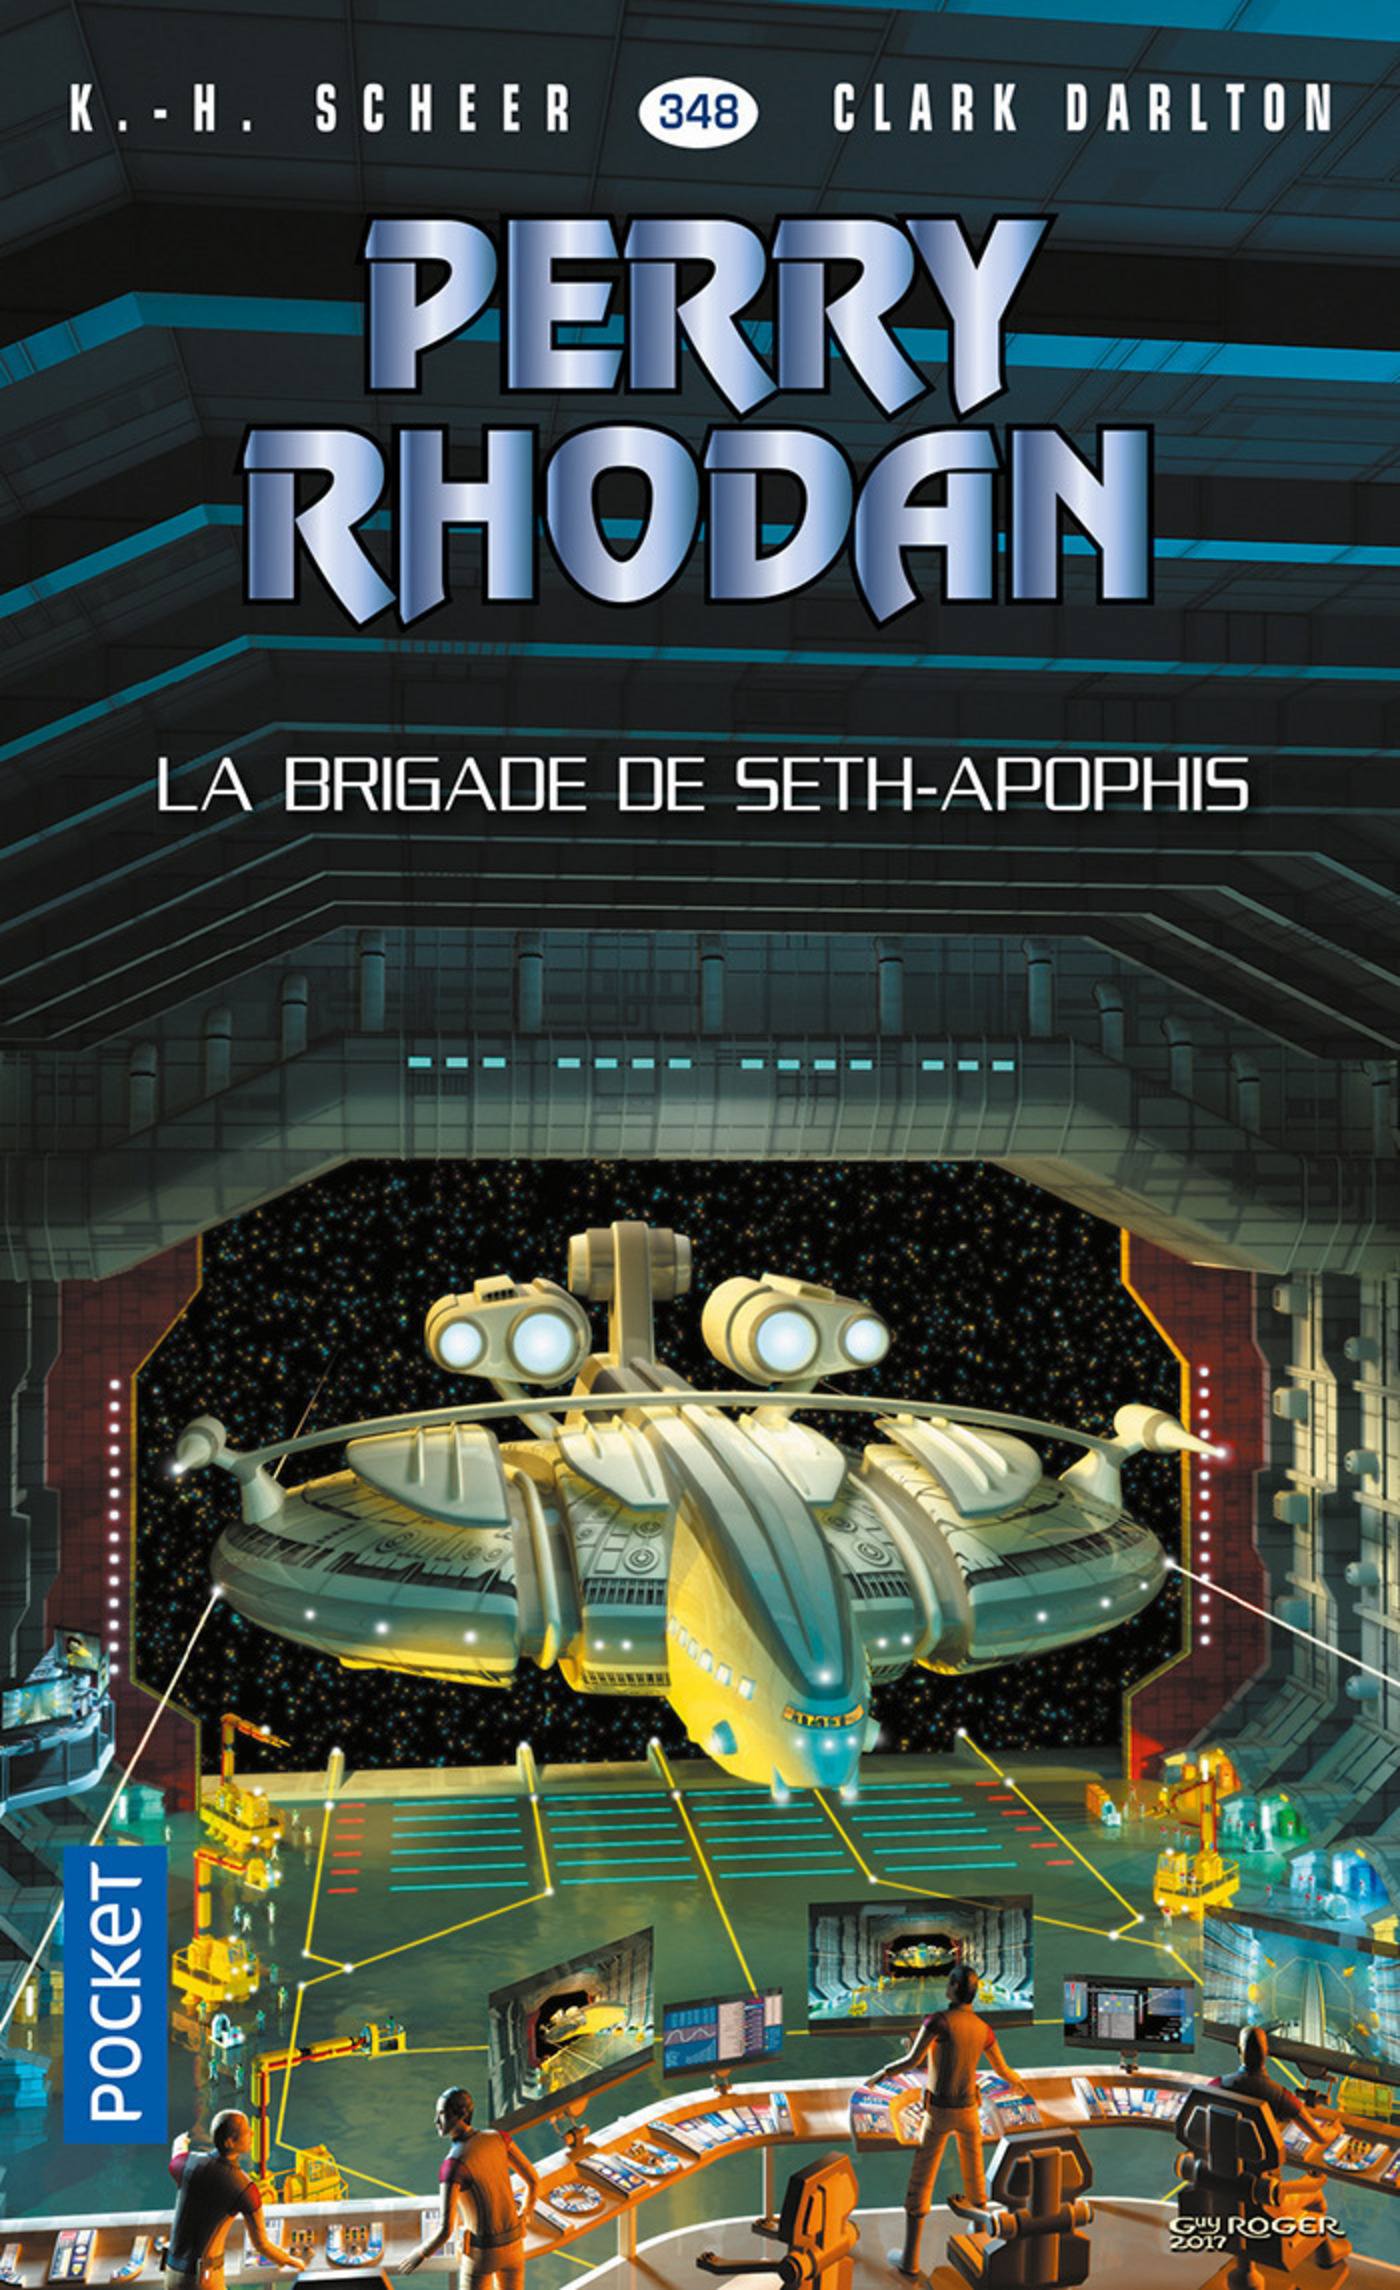 Perry Rhodan n°348 - La Brigade de Seth-Apophis